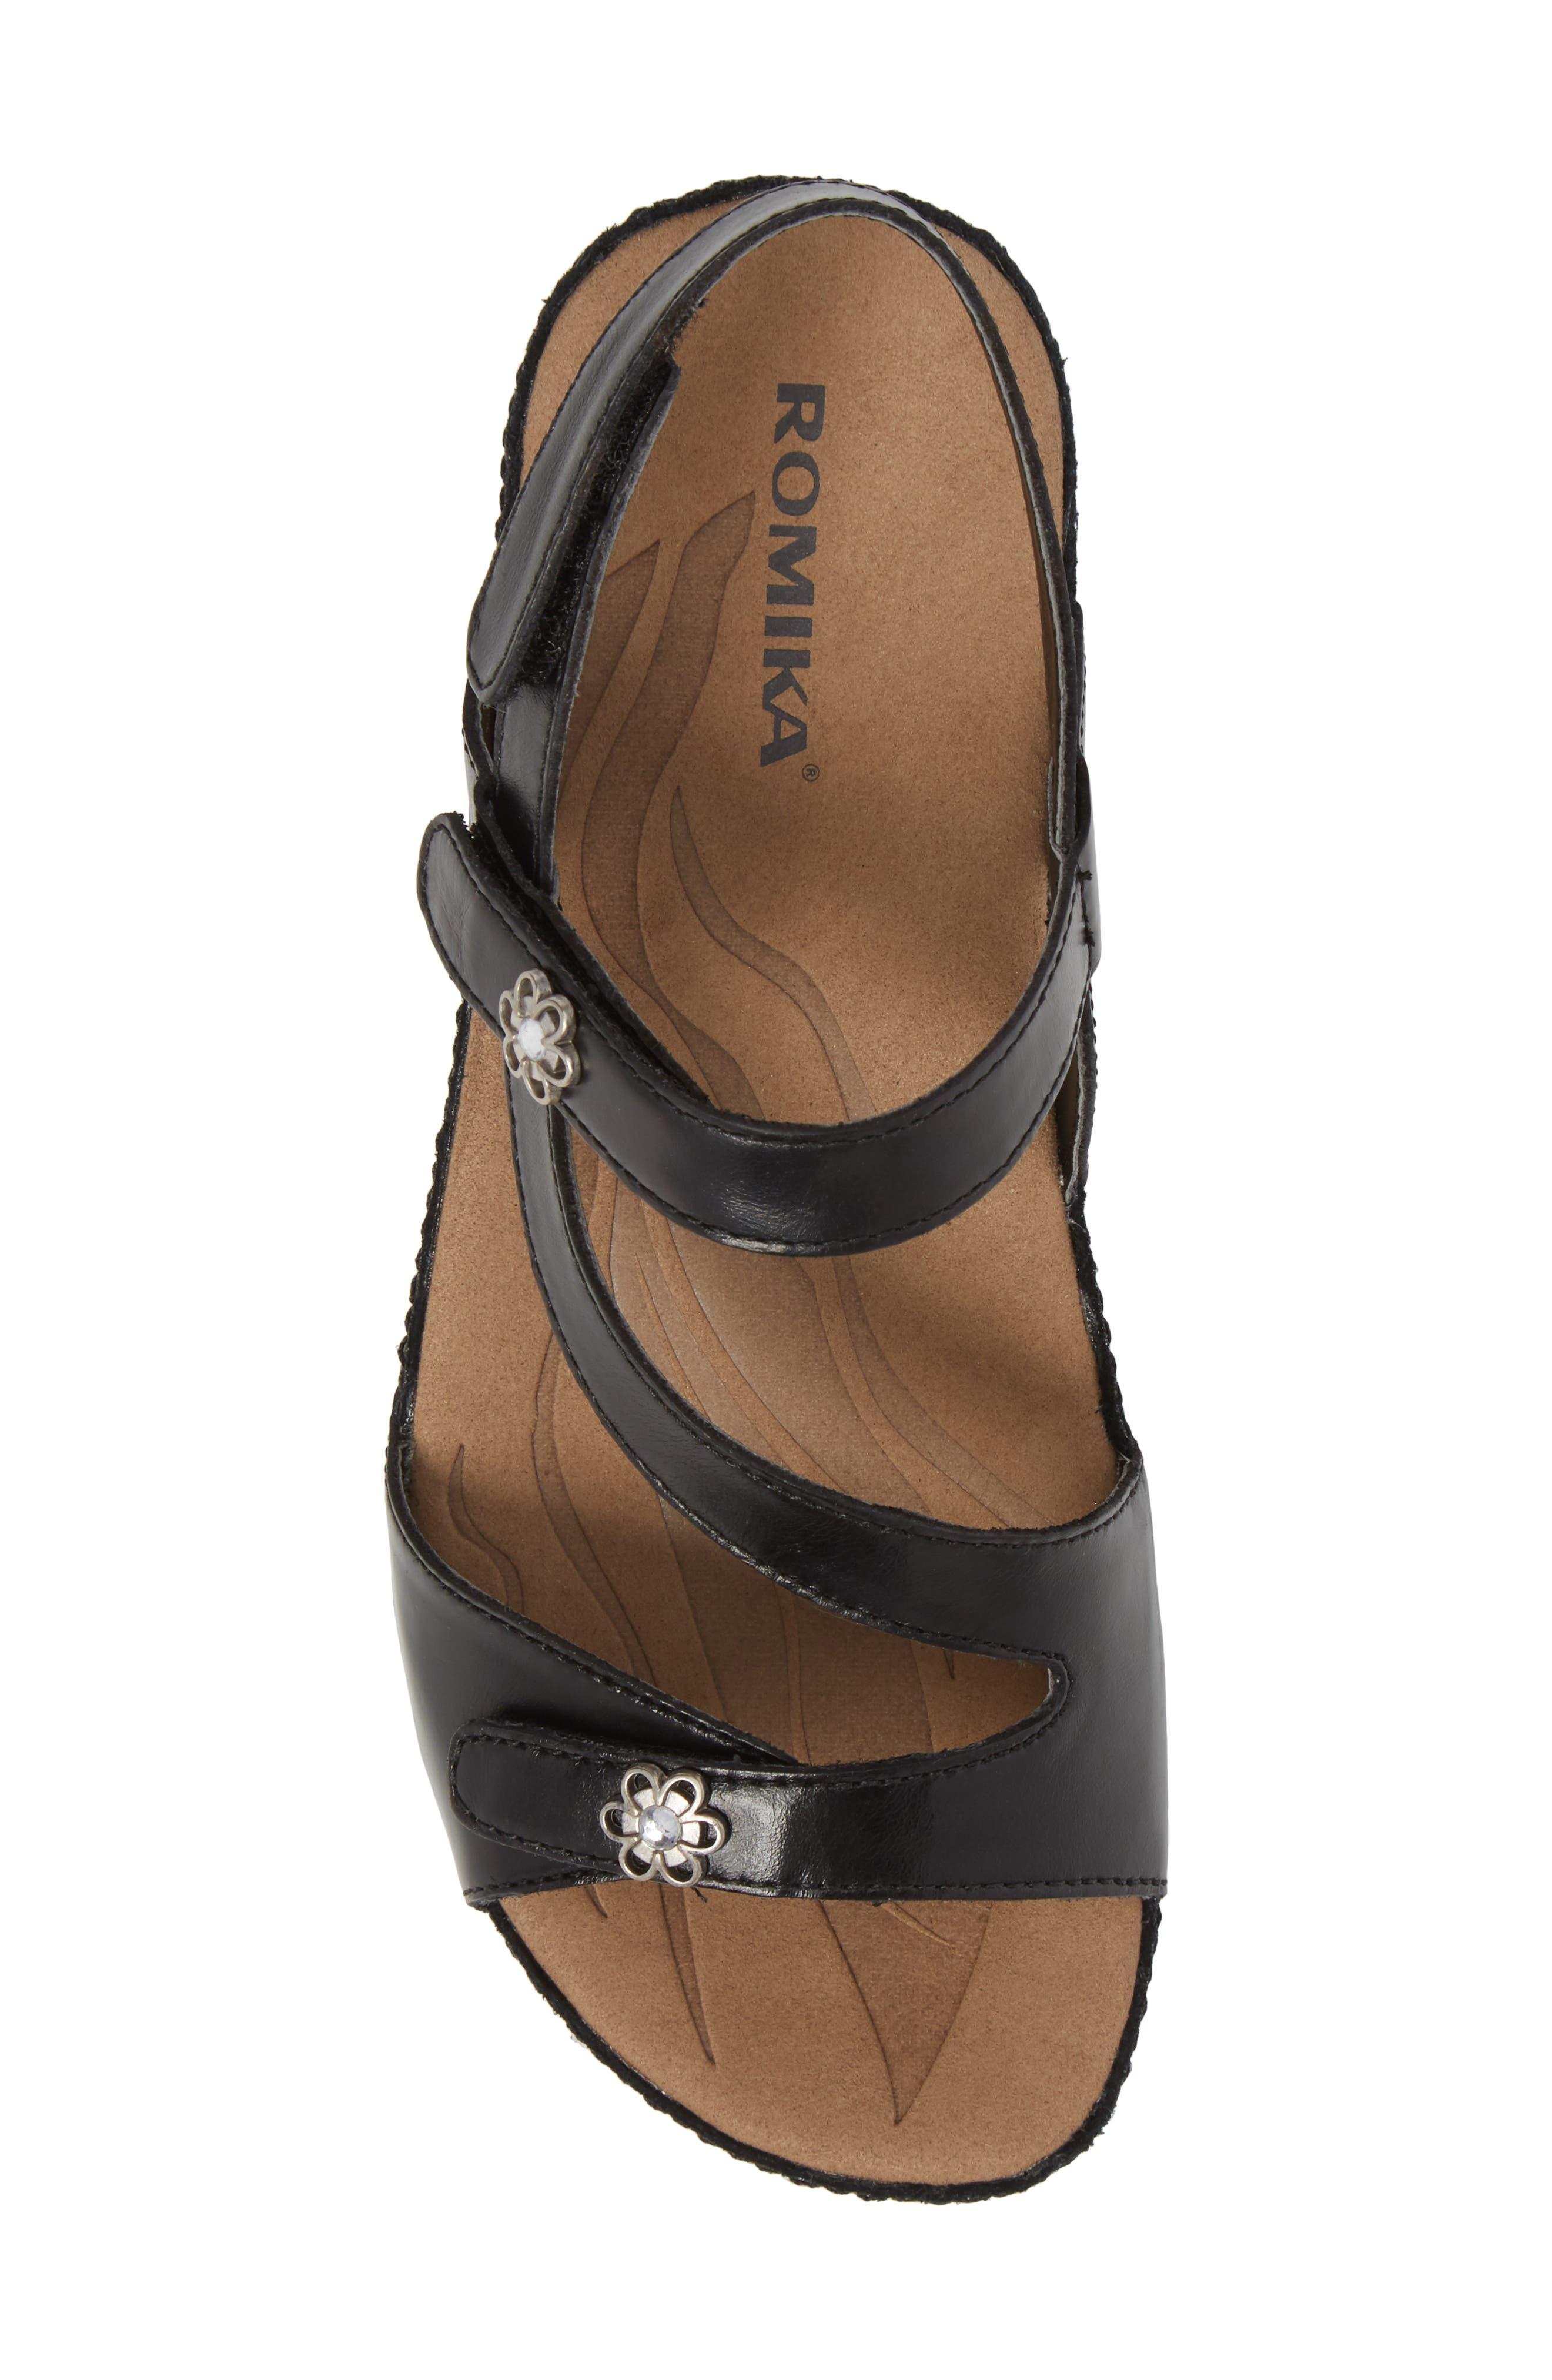 Fidschi 54 Sandal,                             Alternate thumbnail 5, color,                             003